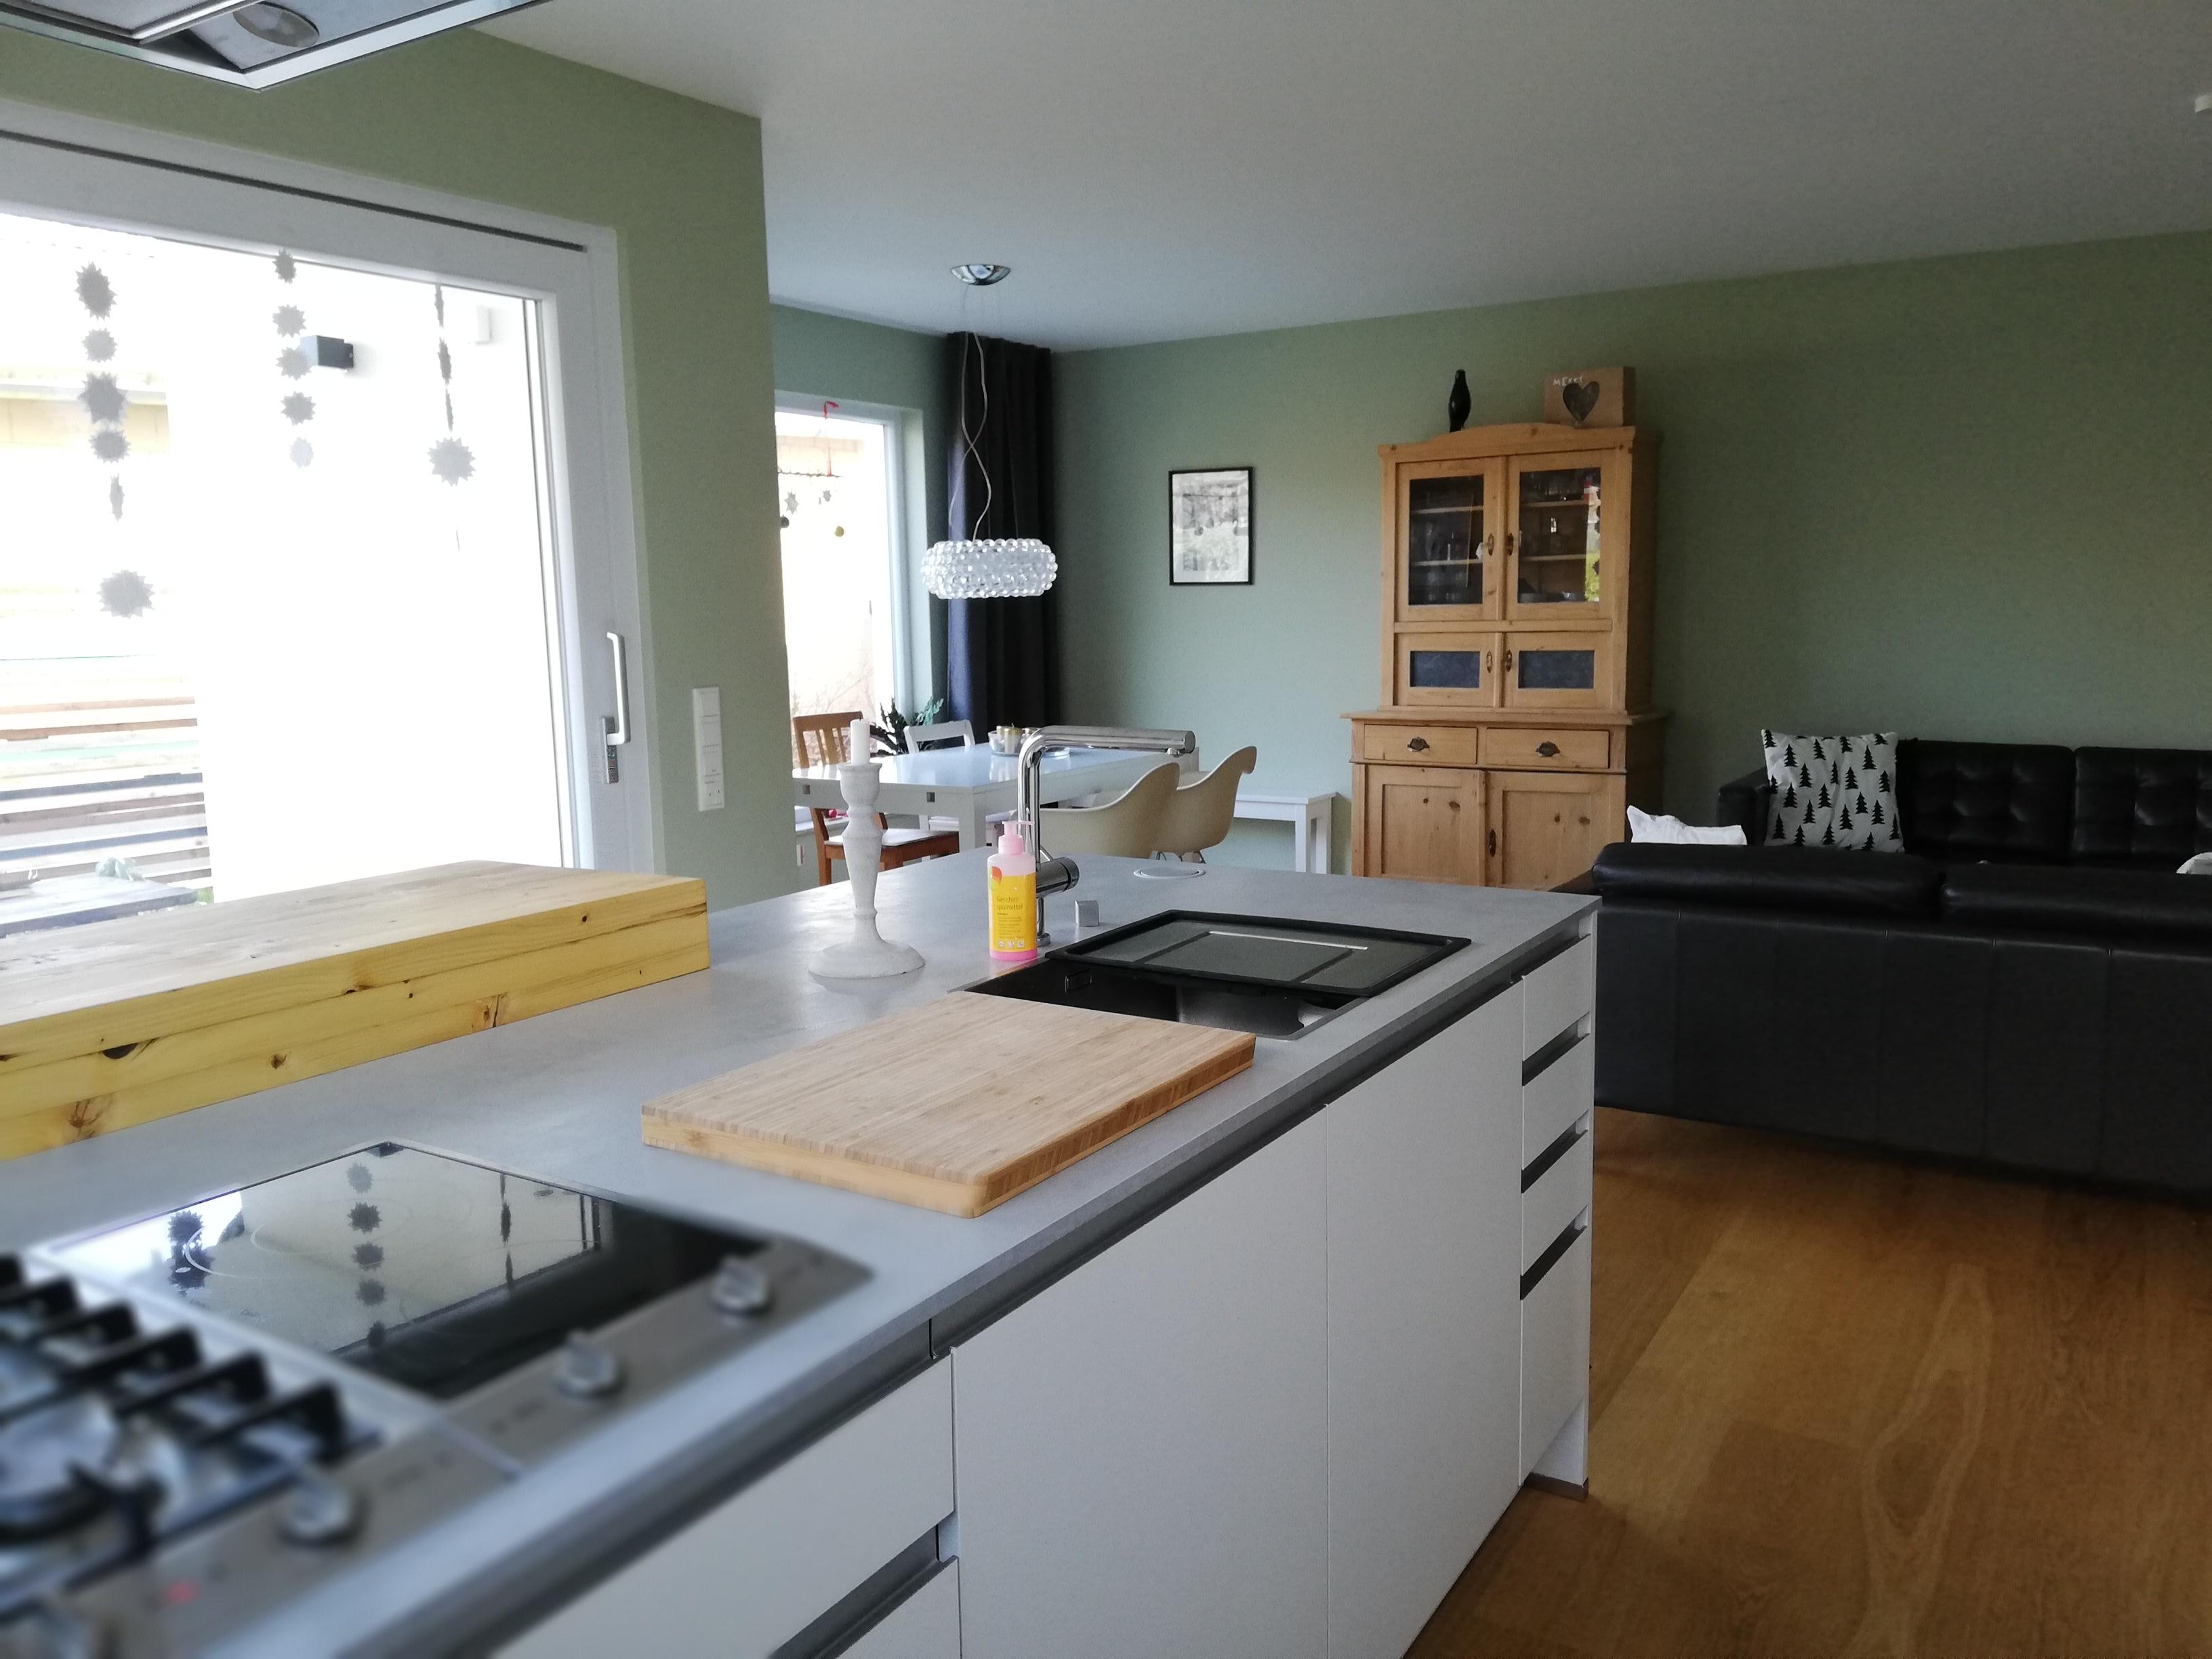 Nach der Einrichtungsberatung kommen die Möbel vor grünen Wand erst richtig zur Geltung.